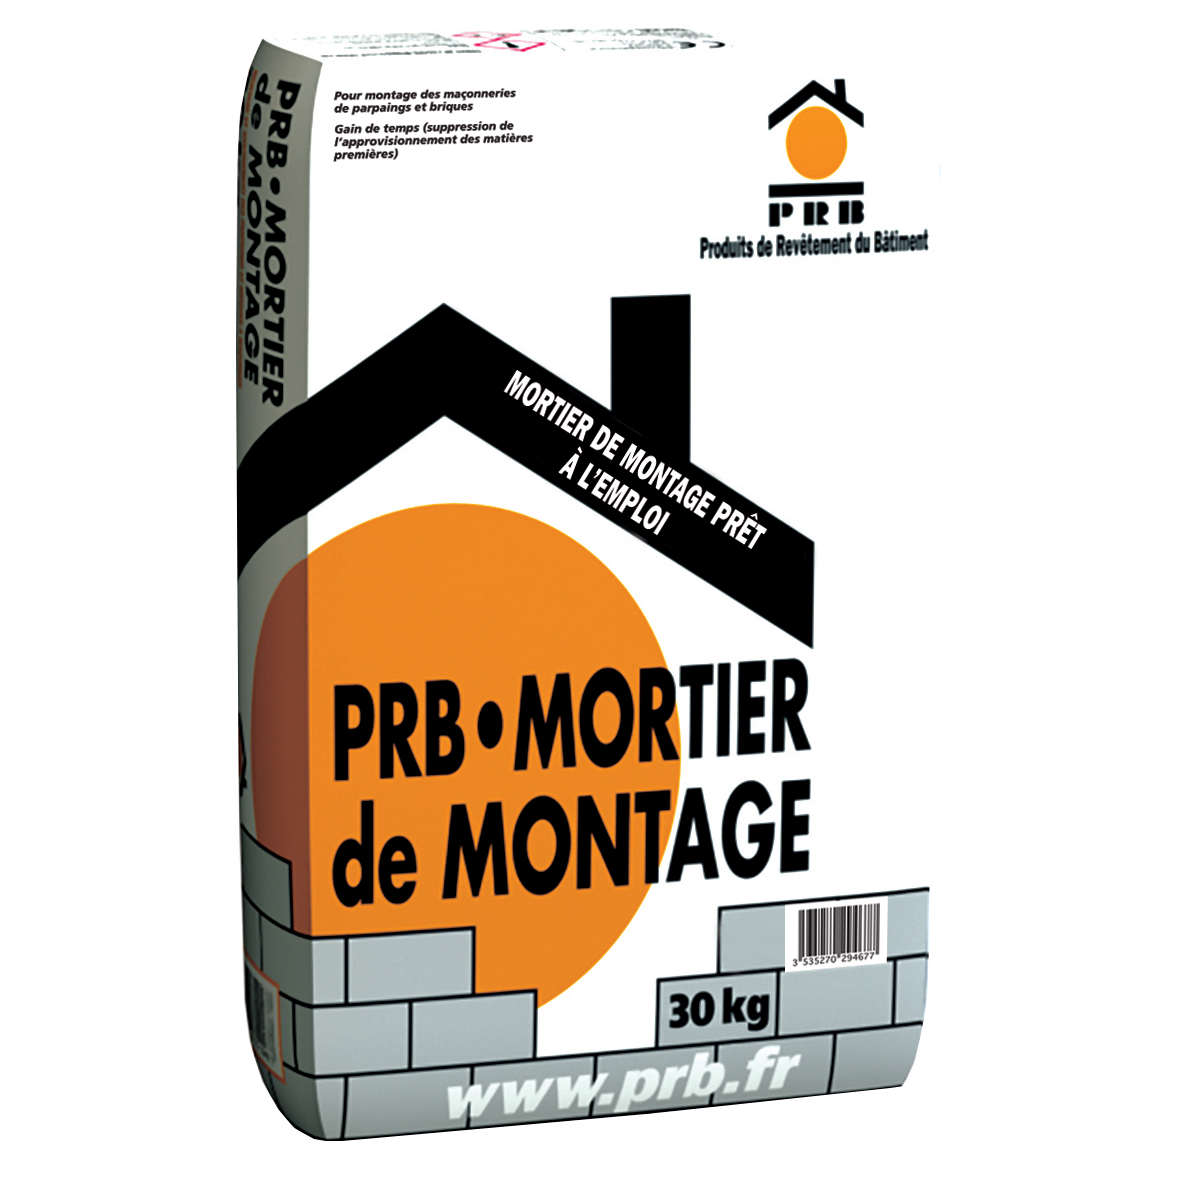 PRB MORTIER DE MONTAGE 30 KG